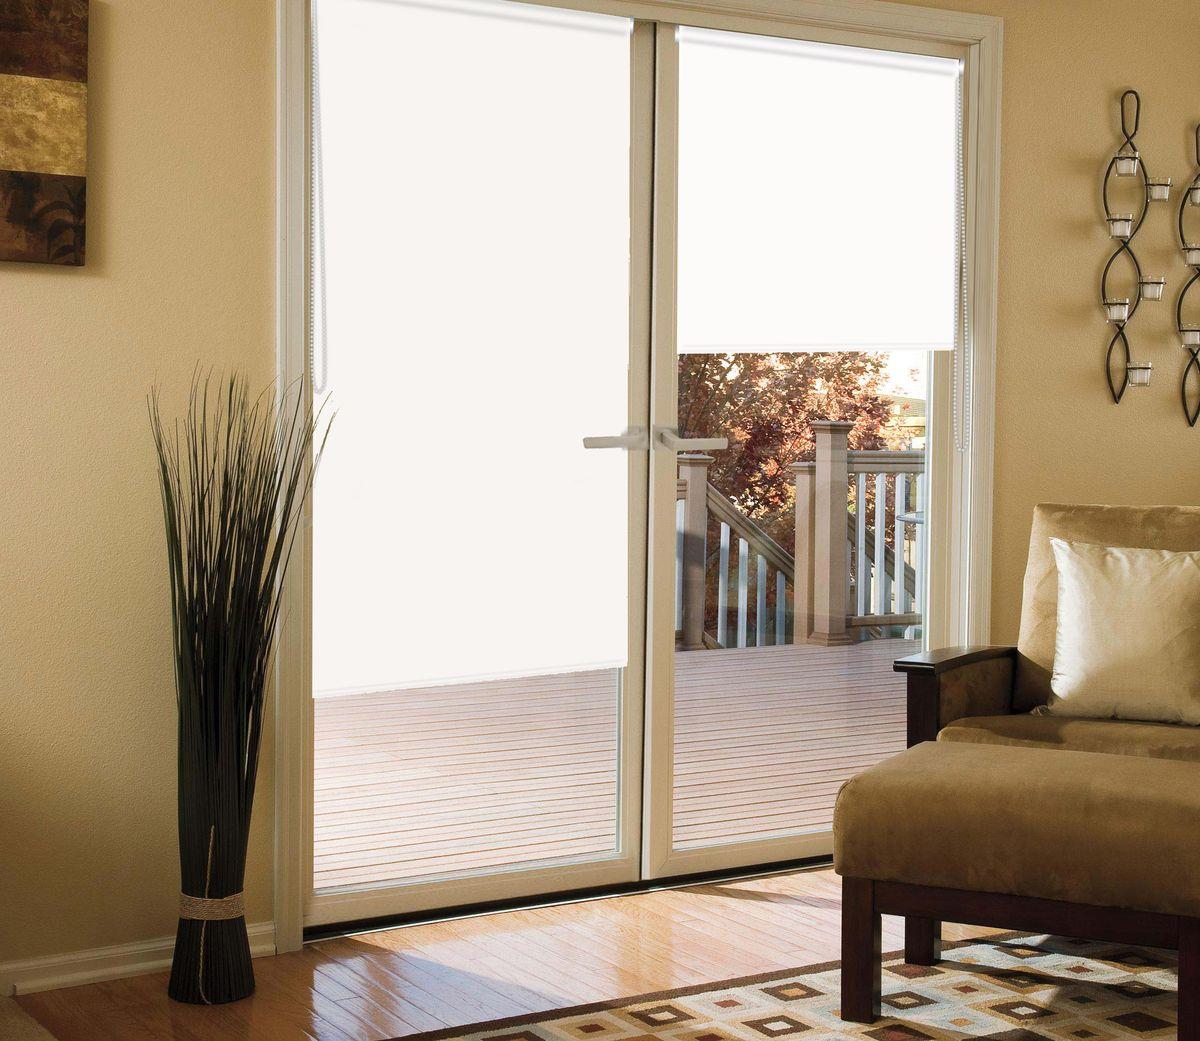 Штора рулонная для балконной двери Эскар Миниролло. Blackout, светоотражающая, цвет: белый, ширина 52 см, высота 215 см39008052215Рулонная светоотражающая штора Эскар Миниролло. Blackout выполнена из высокопрочной ткани, не пропускающей солнечный свет. Такие шторы изготовляютсяиз полностью светонепроницаемого материала blackout. Это свойствообеспечивается структурой ткани и специальными вплетенными нитями, удерживающими проникновение света.- Используются в кинотеатрах, фотолабораториях, детских комнатах и других помещениях, где необходимо абсолютное затемнение;- Удобны в уходе и эксплуатации.Миниролло - это подвид рулонных штор, который закрывает не весь оконный проем, а непосредственно само стекло. Такие шторы крепятся на раму без сверления при помощи зажимов или клейкой двухсторонней ленты. Окно остается на гарантии, благодаря монтажу без сверления.